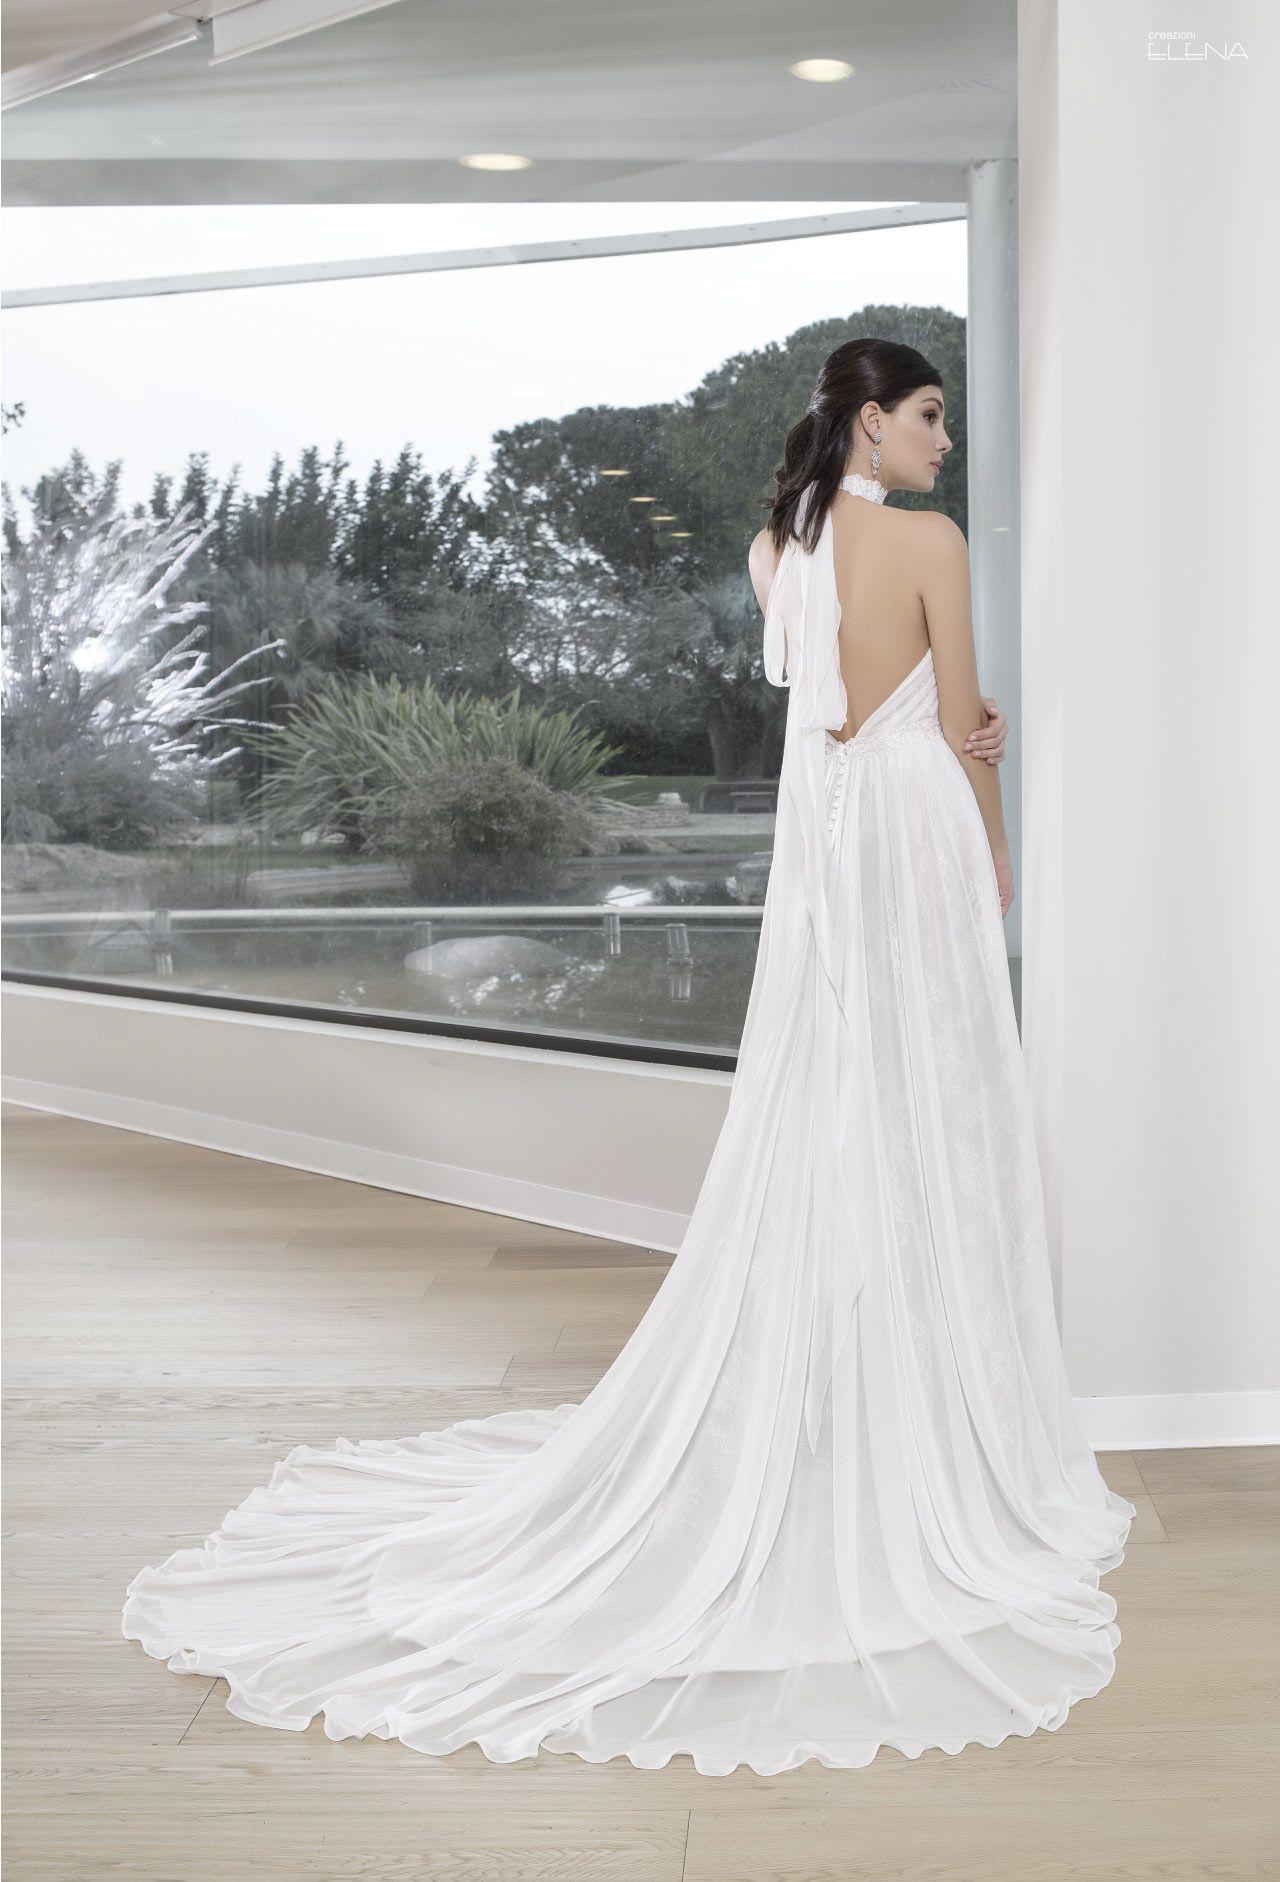 2055e0d4a5b1 Abito da sposa della collezione Creazioni Elena 2019 in vendita presso il negozio  Boutique Velo di